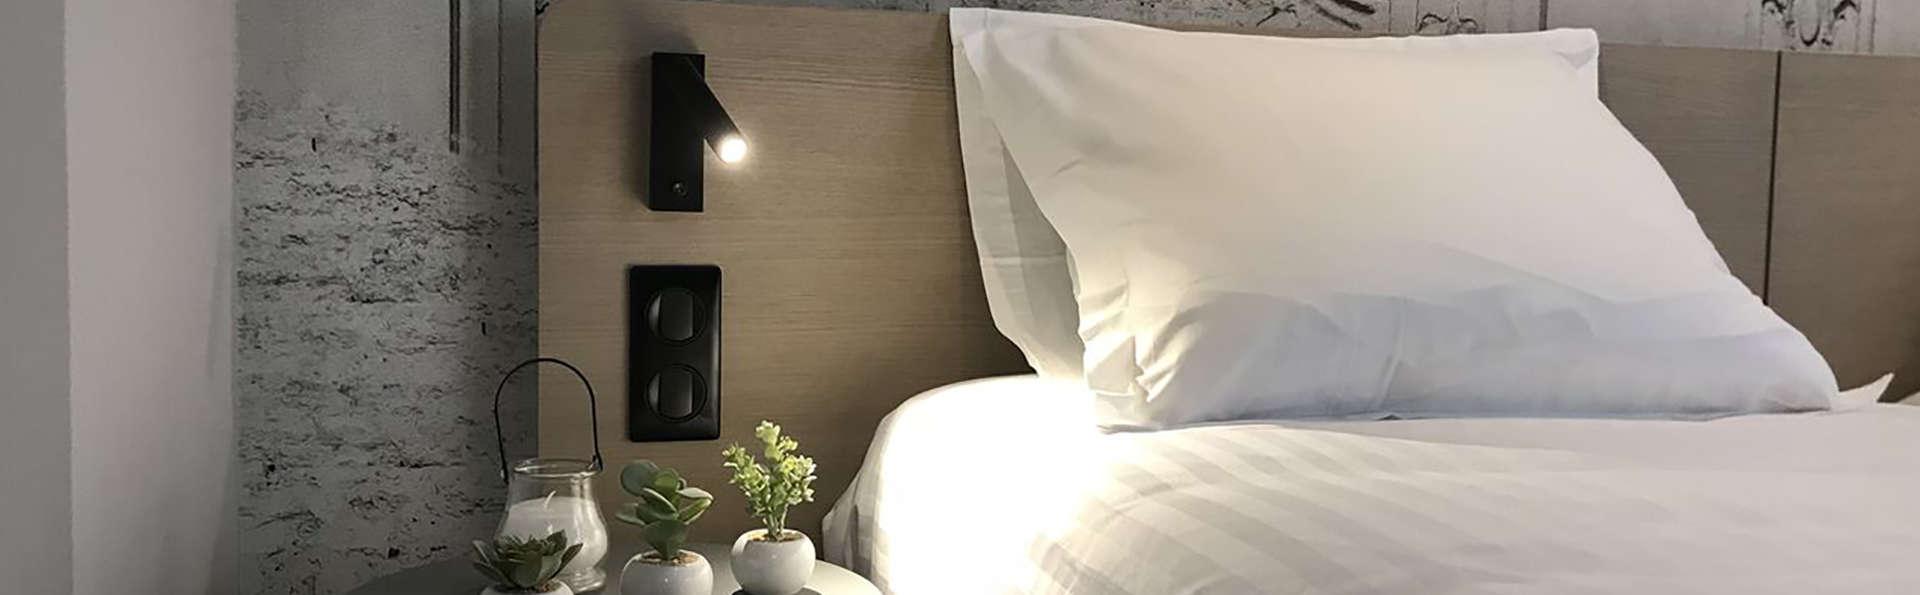 Némea - Résidence Cannes Palais Appart'Hotel - Edit_Room.jpg